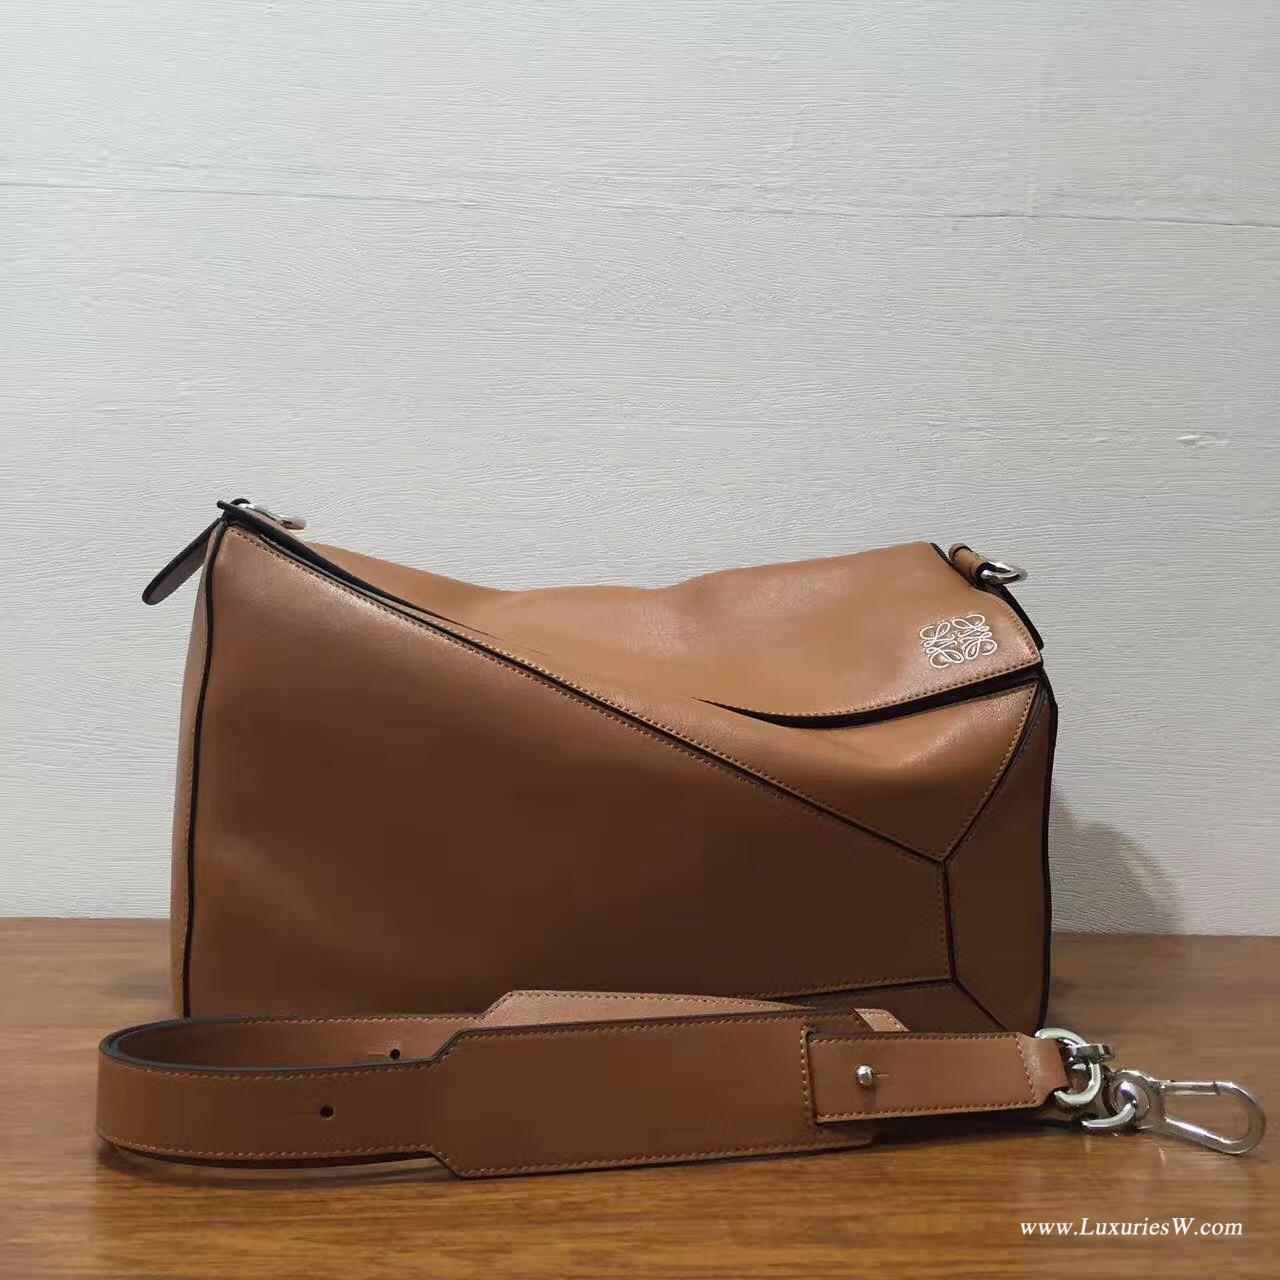 羅意威女包 LOEWE 特大號 Puzzle Bag 棕褐色 38cm長方體形狀 折疊幾何包